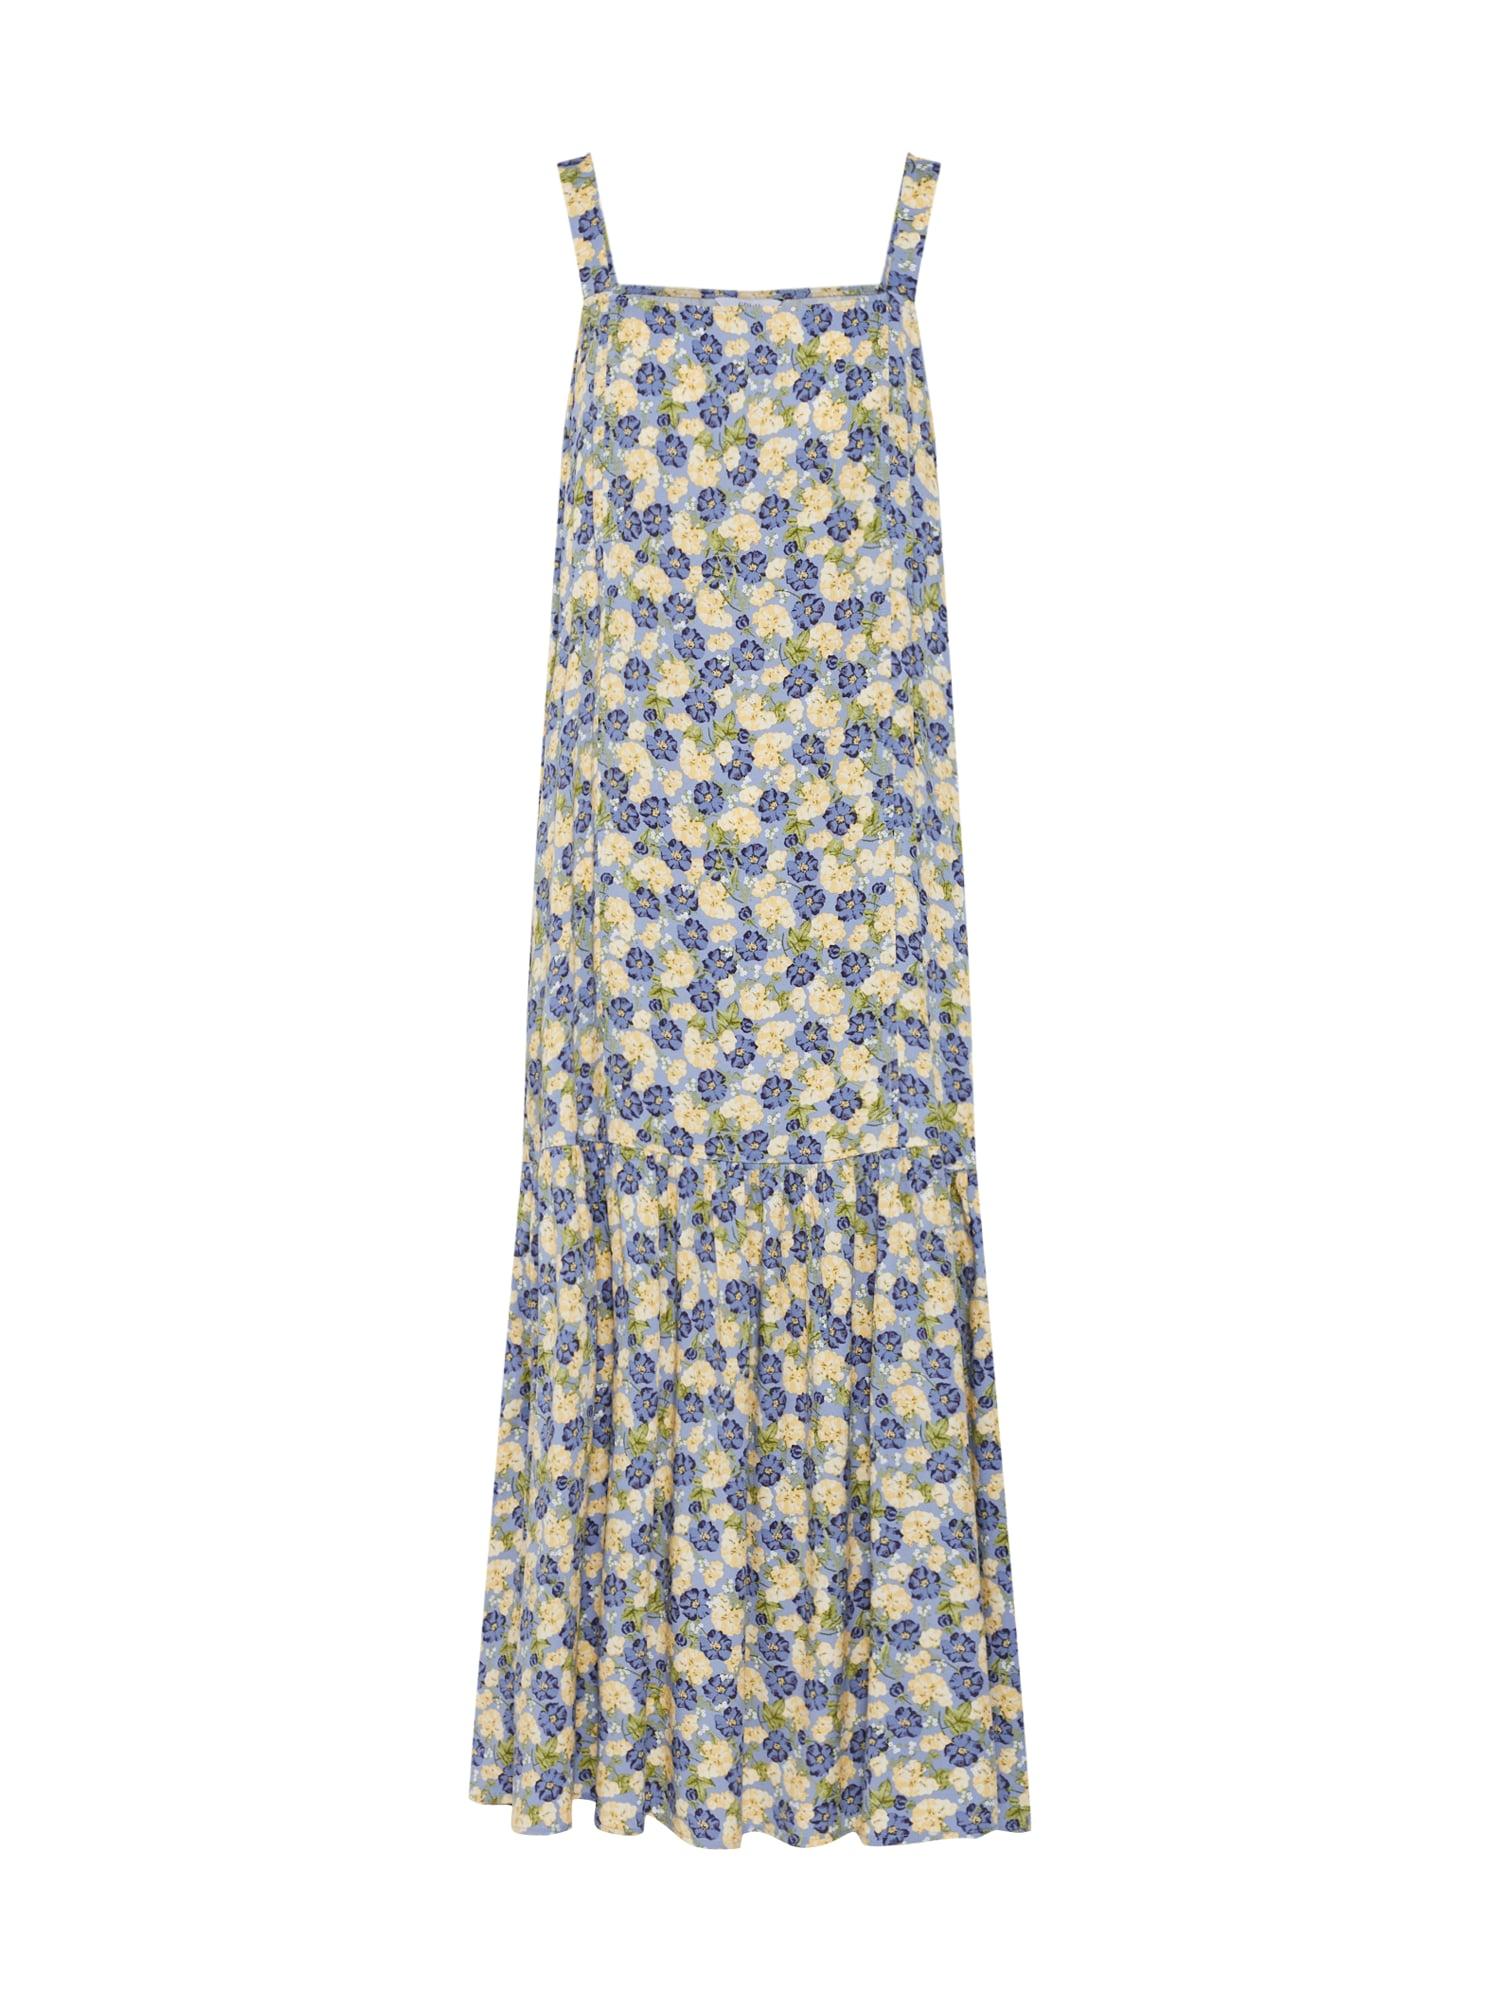 Letní šaty CHARITON světlemodrá pastelově žlutá zelená Envii